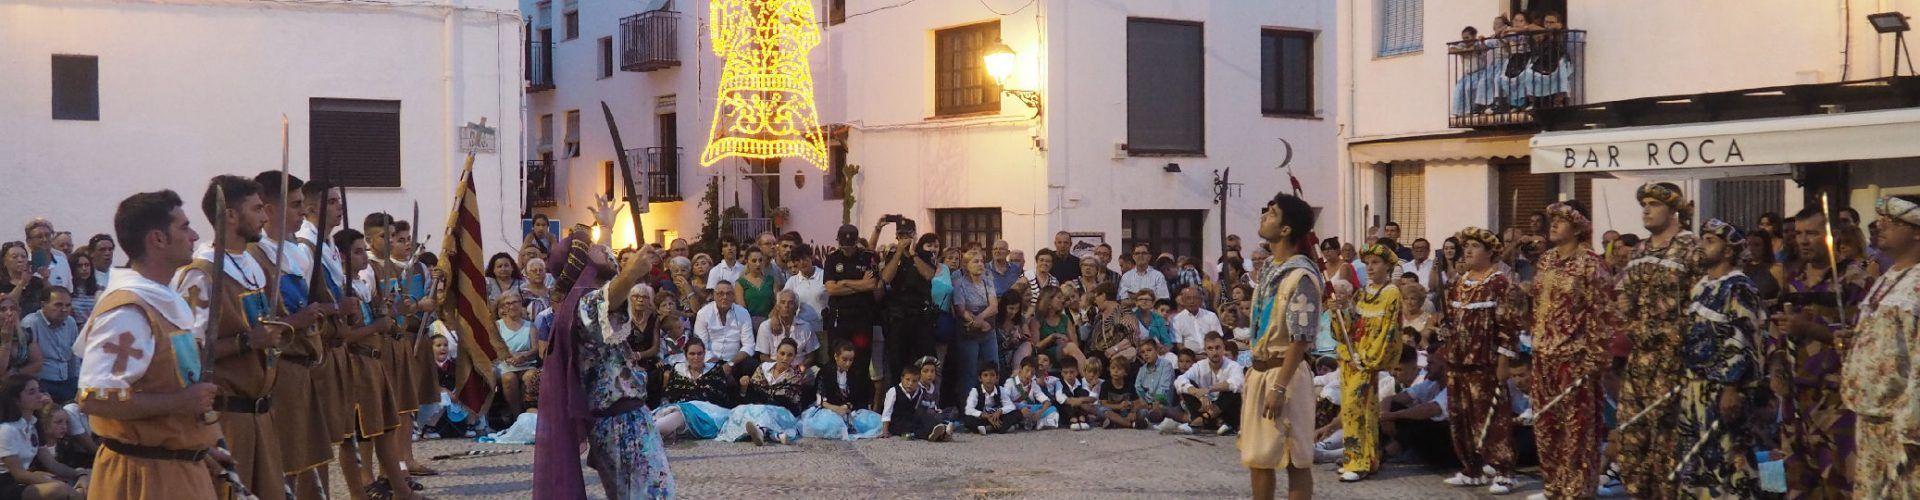 Peñíscola concluye el Día de la Patrona con la Danza Batalla de Moros y Cristianos